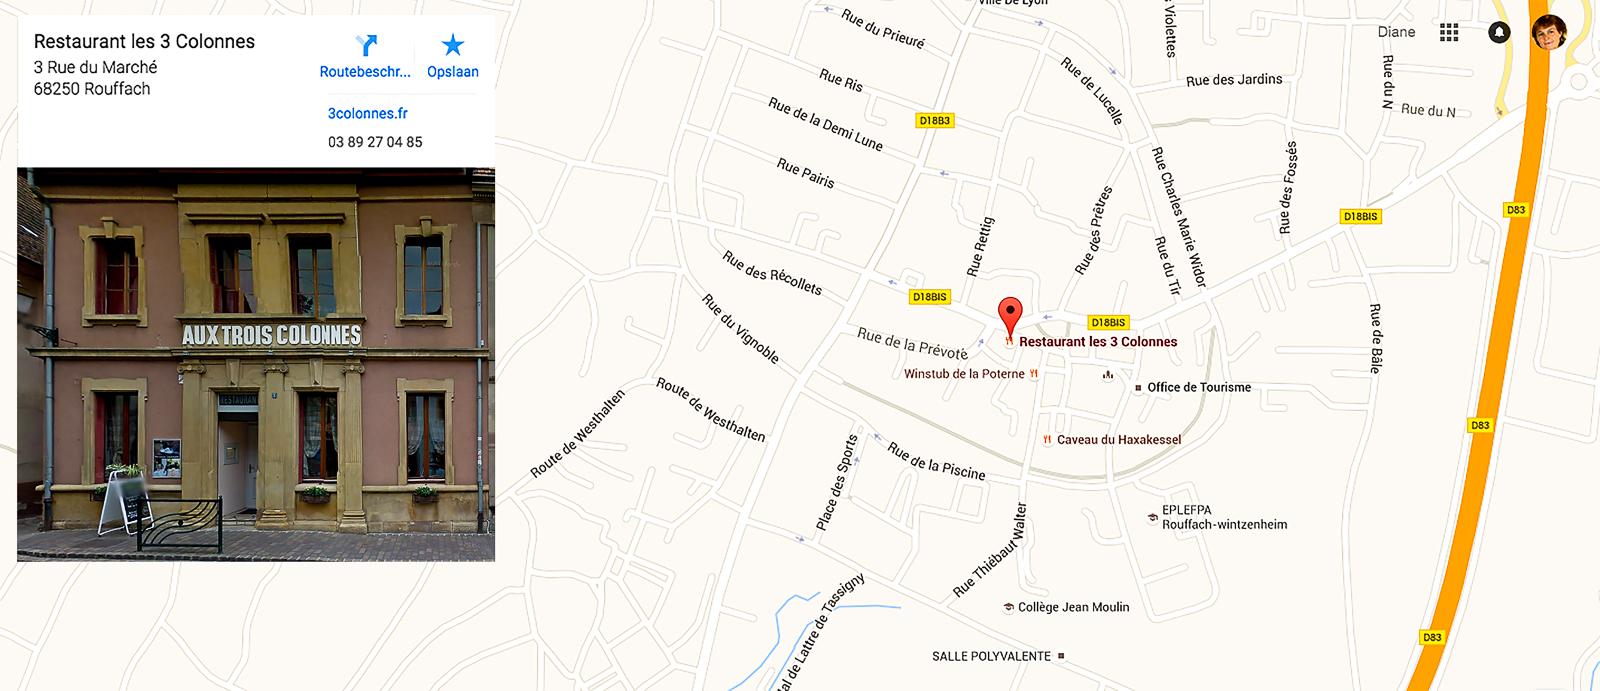 Dag02-Alsace-070-RestaurantAuxTroisColonnesPlan